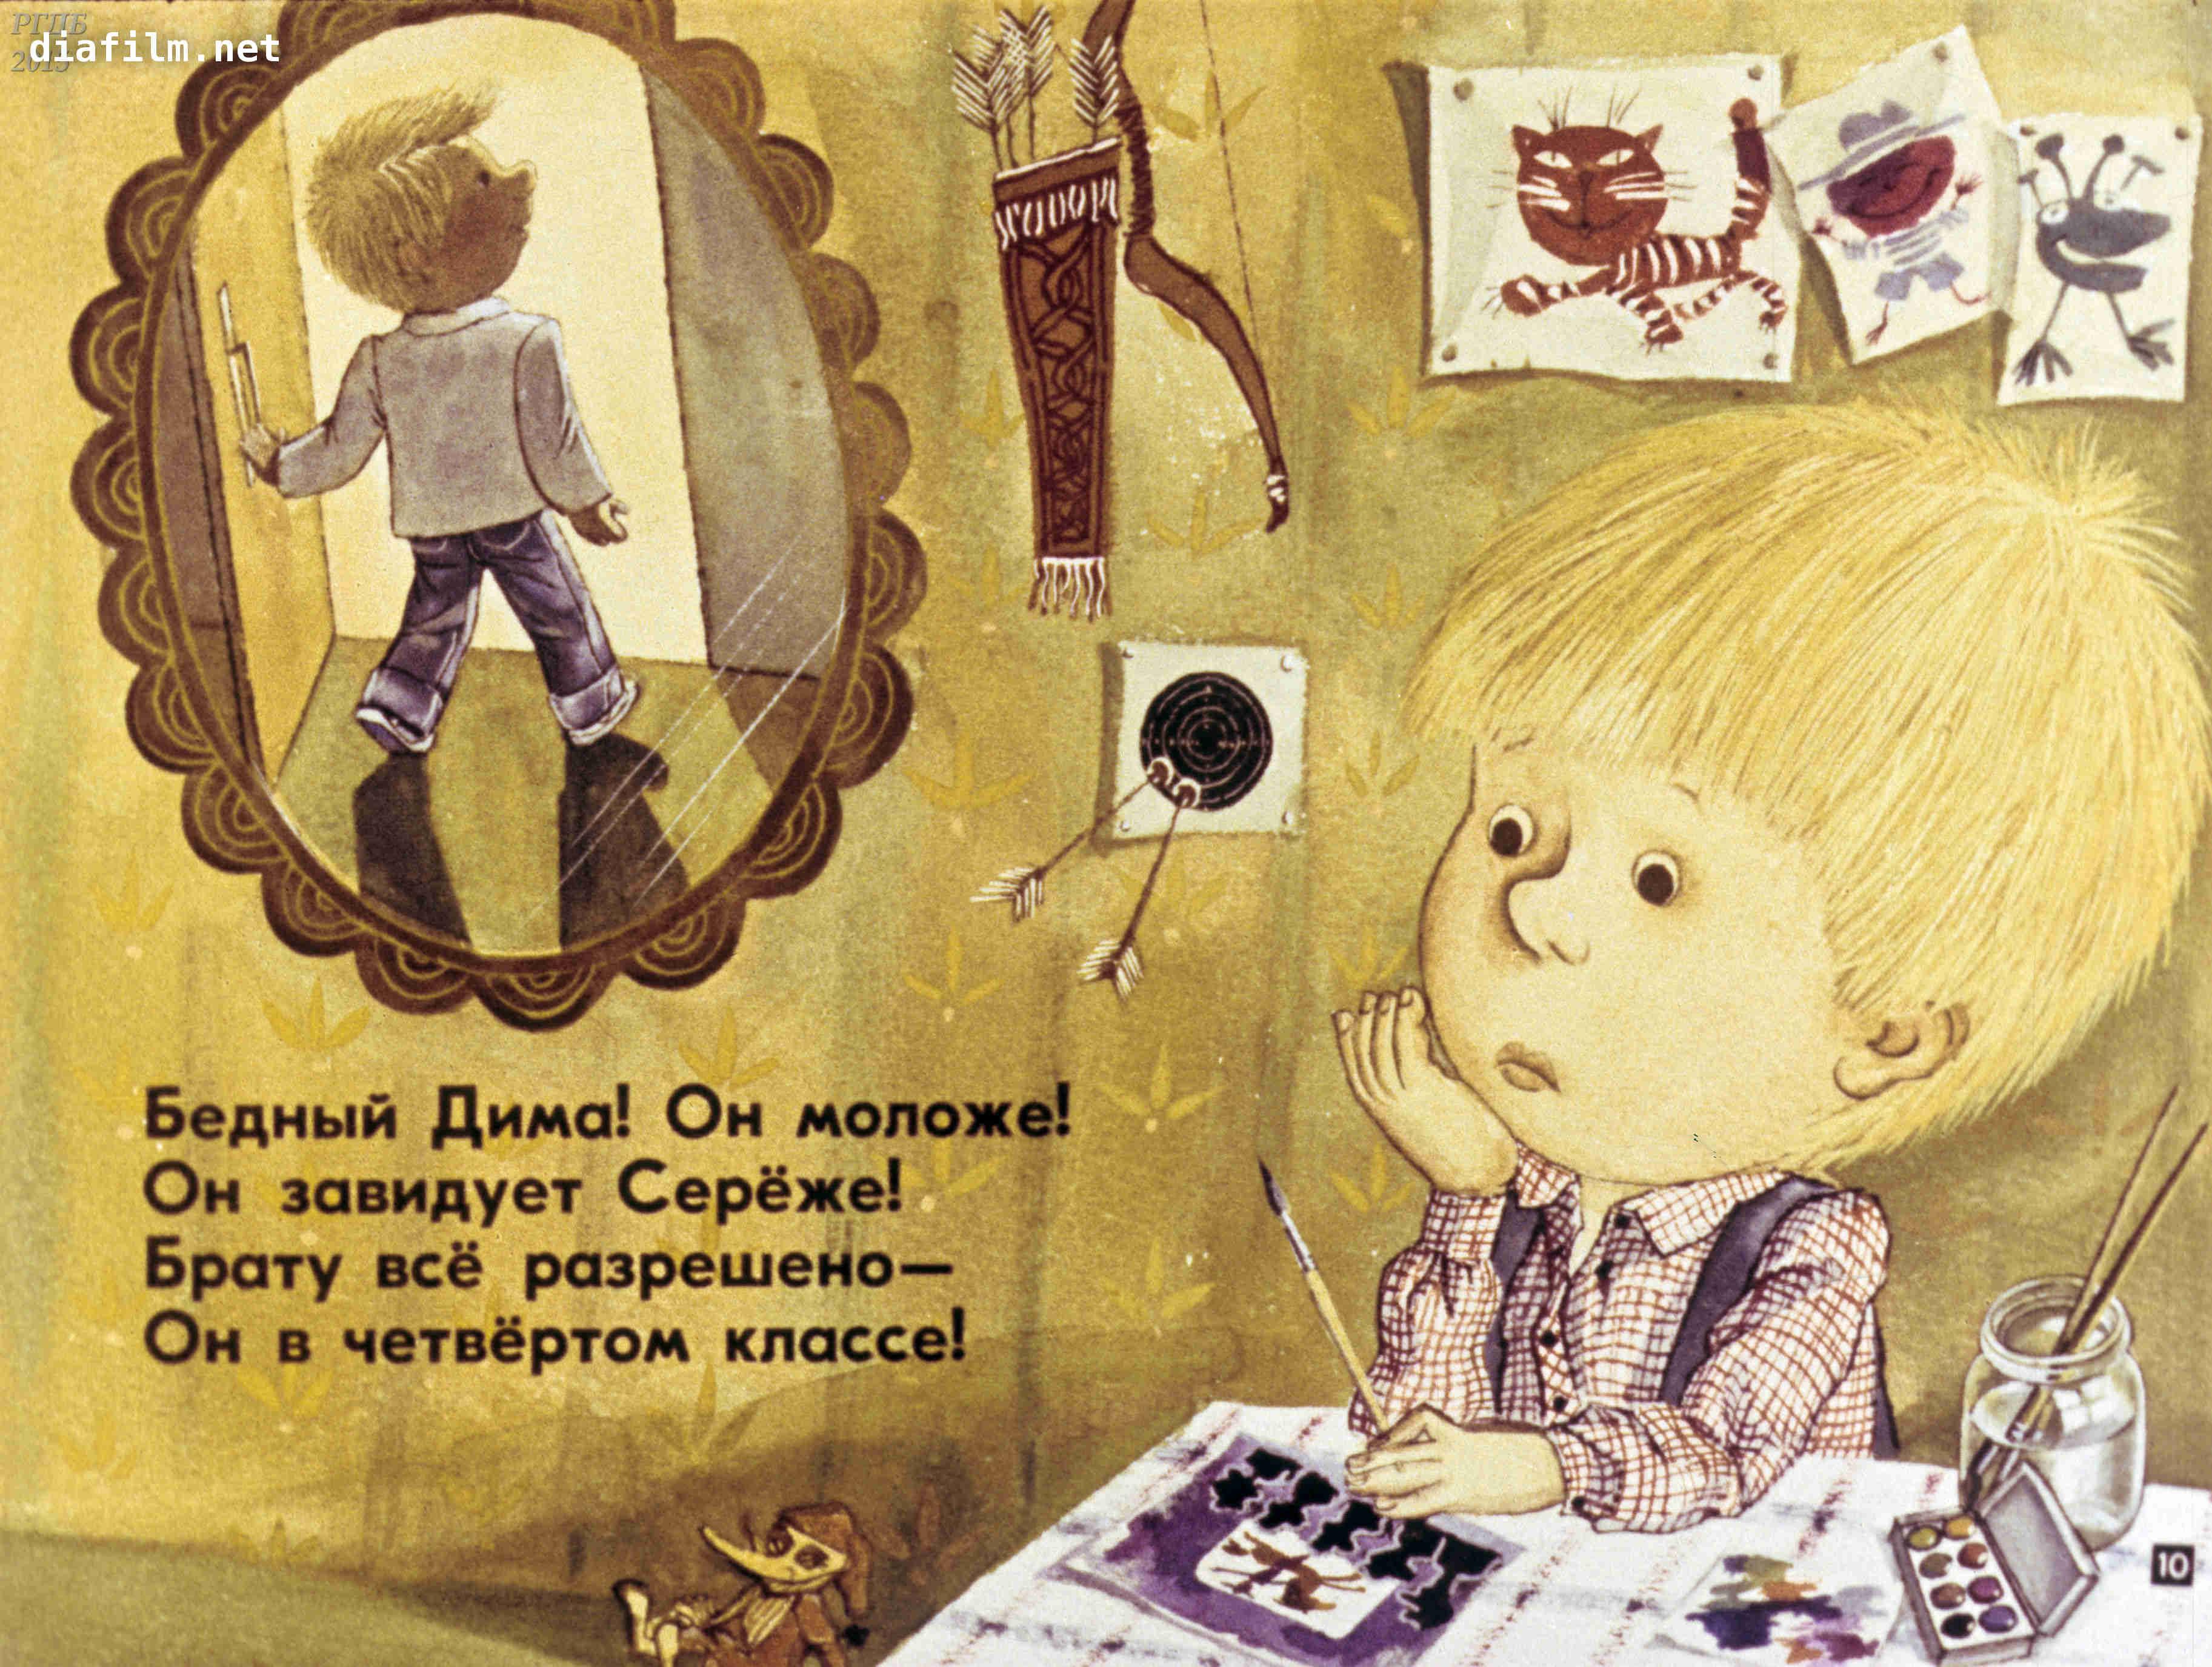 Мама детском, открытка на 10 лет сереже диме нет еще